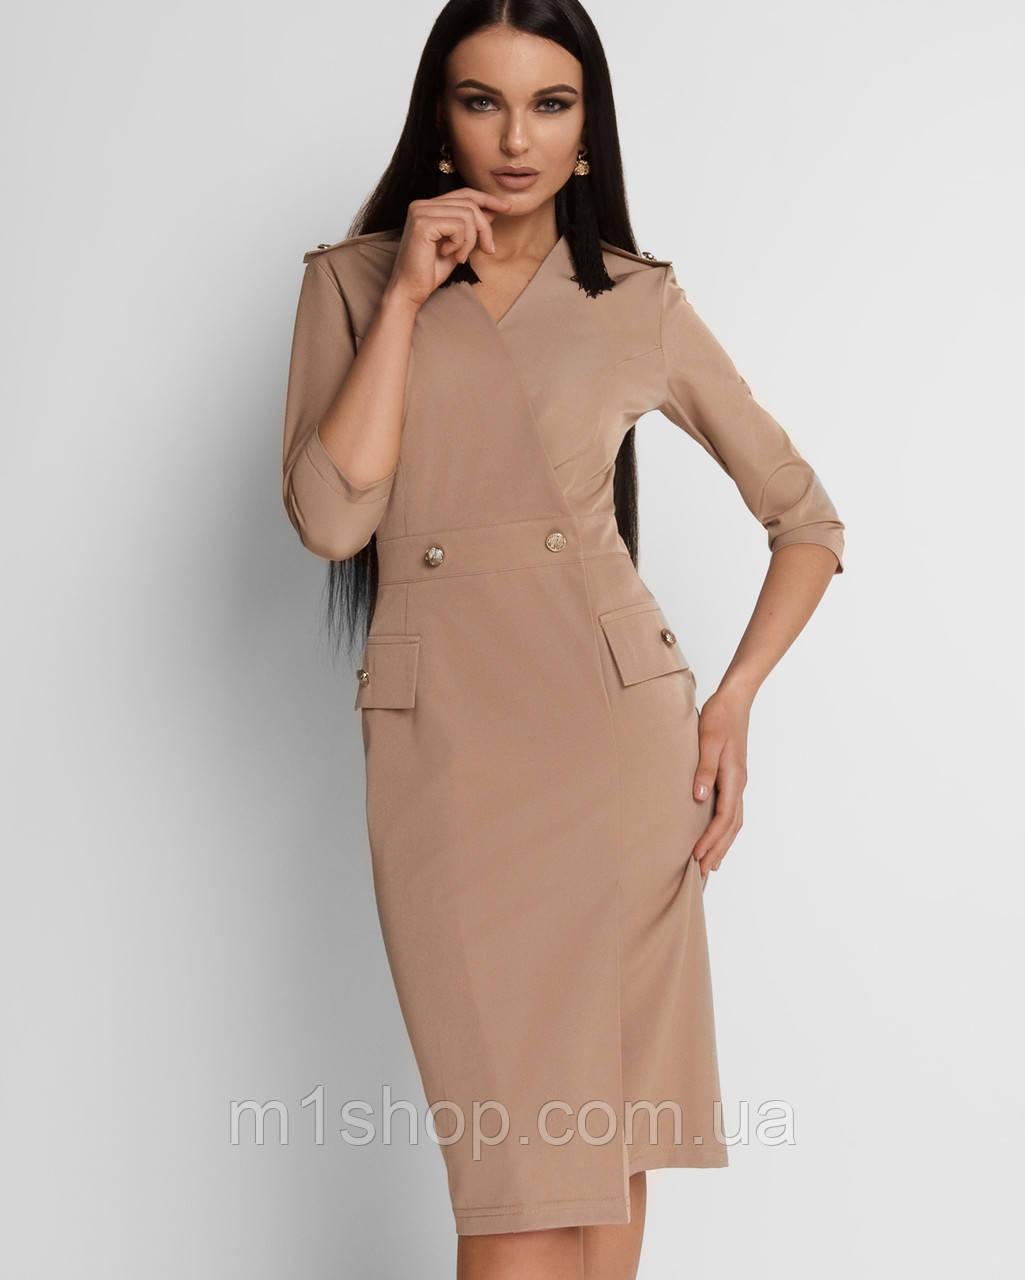 Женское деловое двобортное платье (Римма jd)